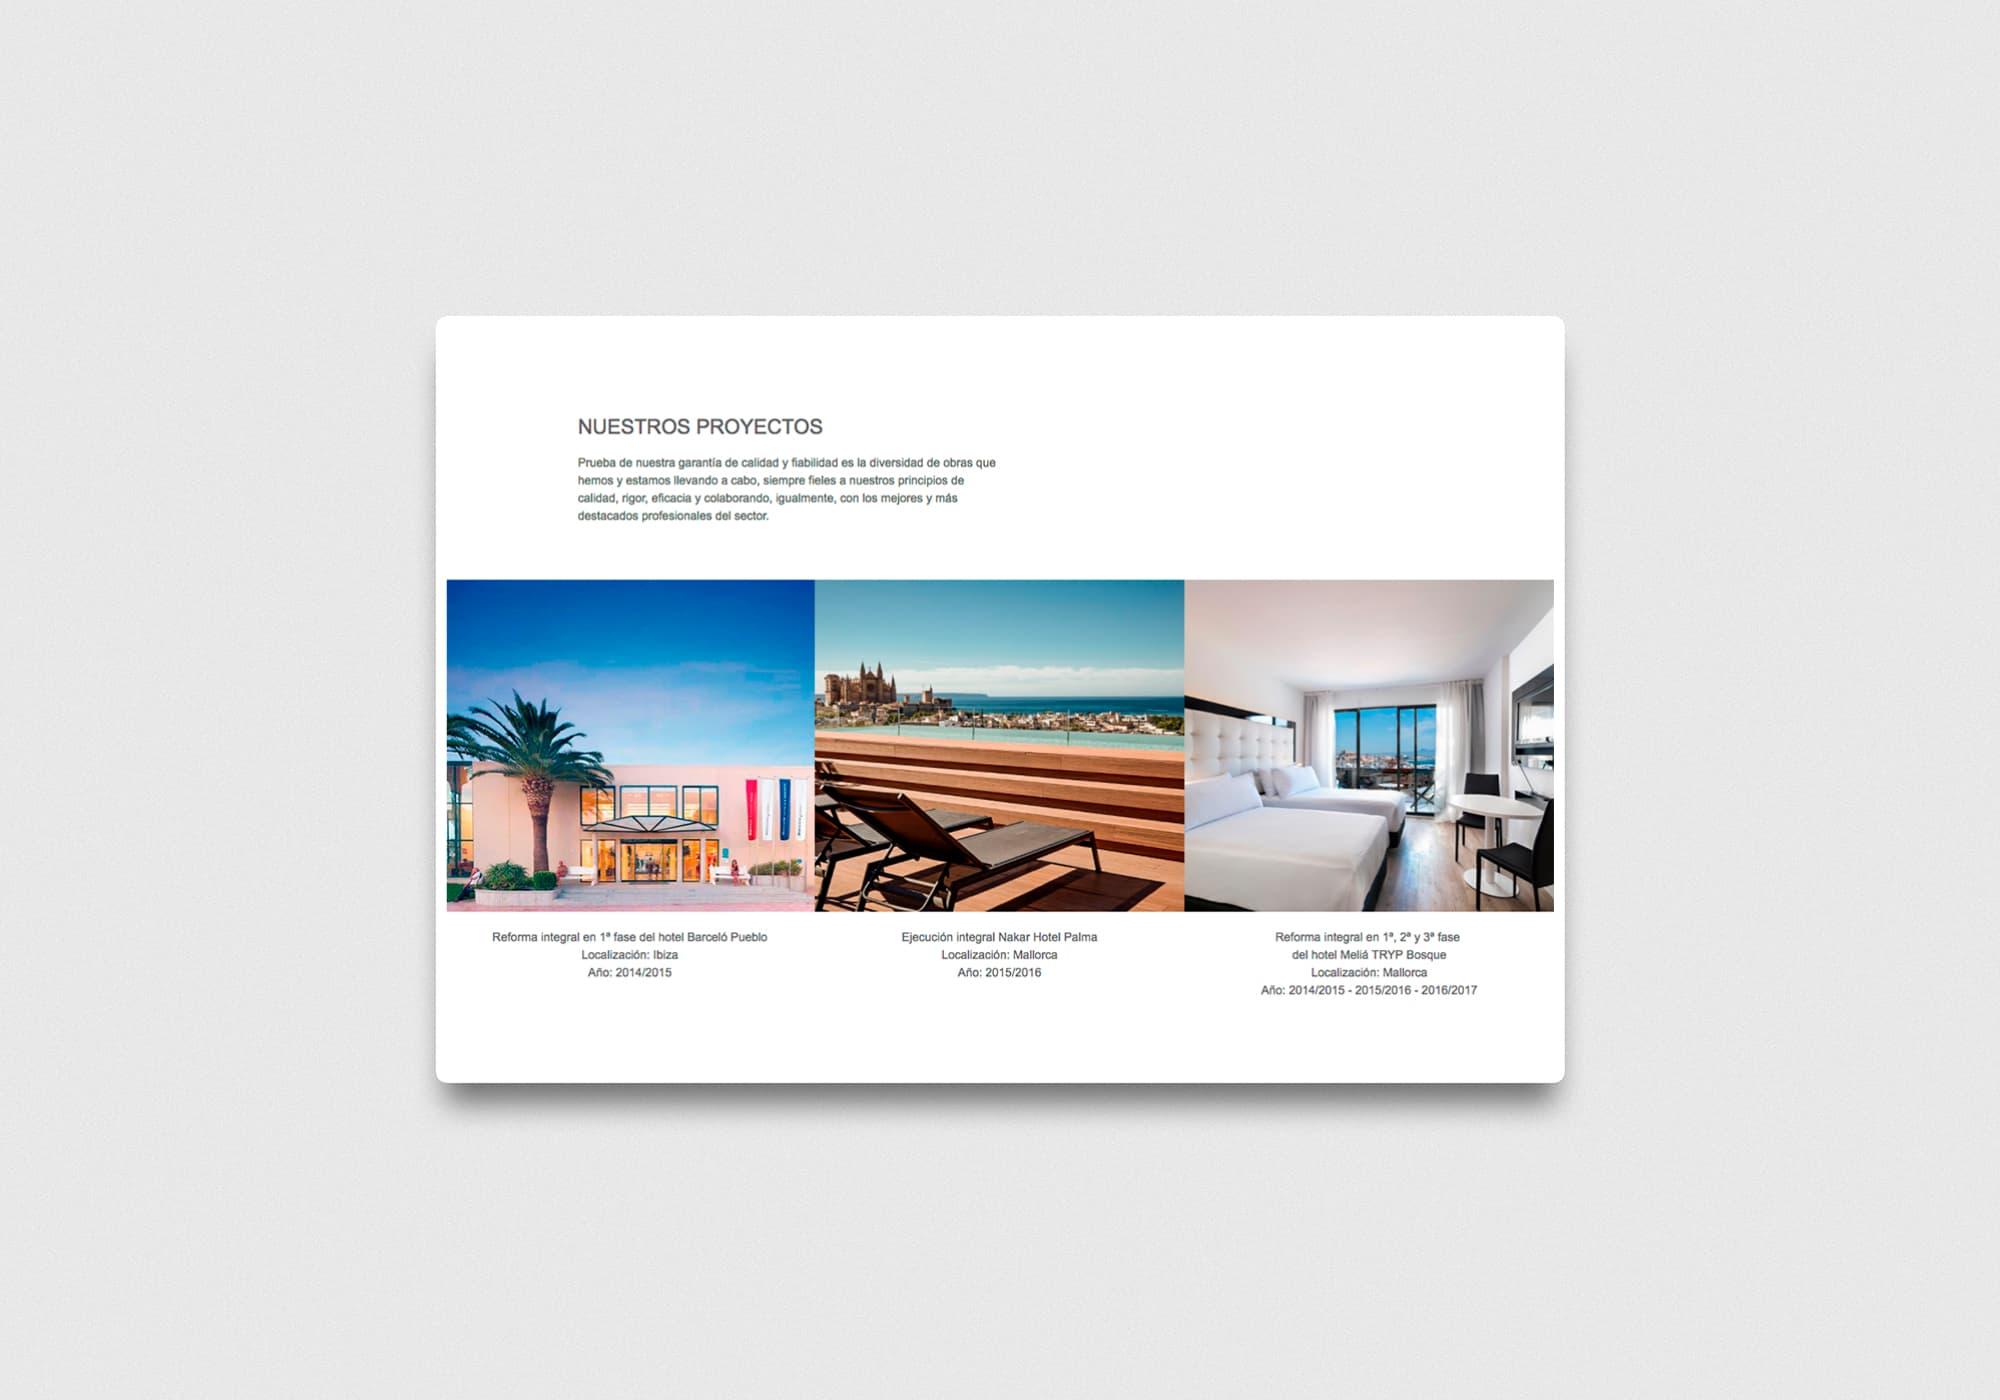 Ancar Studio Egos Web Construccion Proyectos